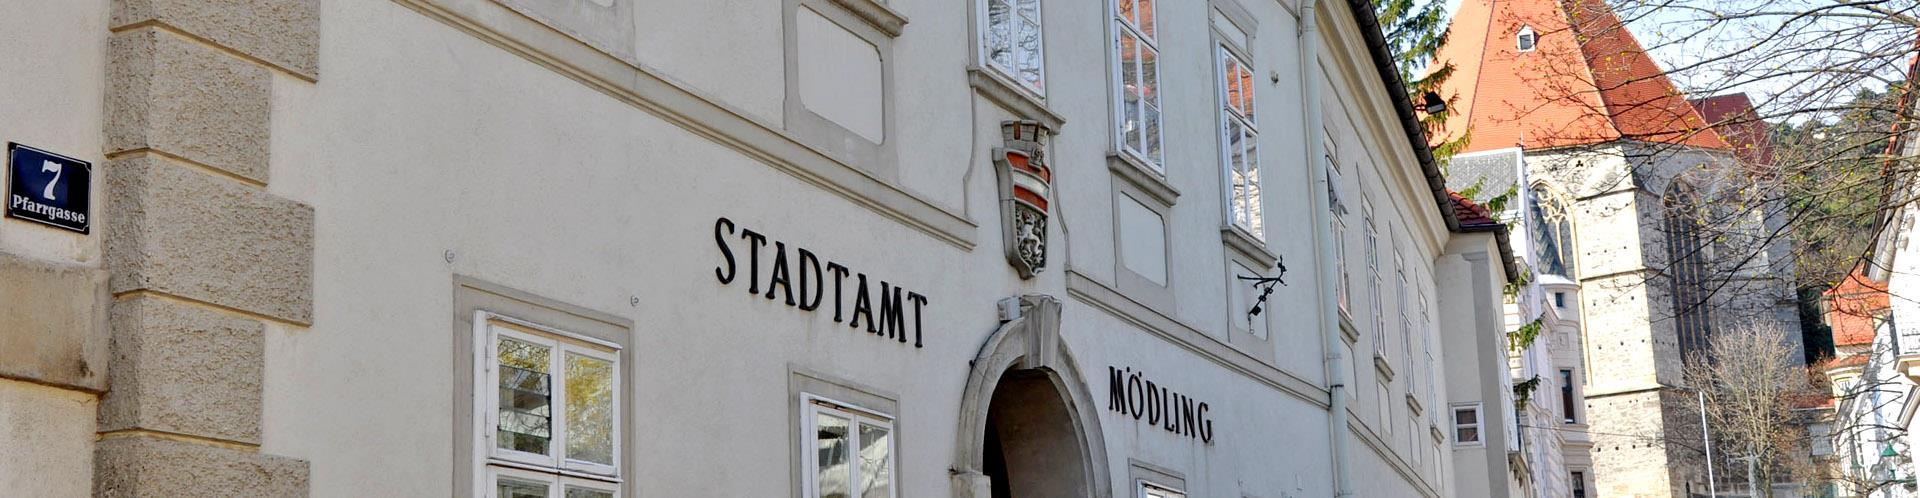 Knorr-Bremse & Zelisko: Tag der offenen Tr - Stadtgemeinde